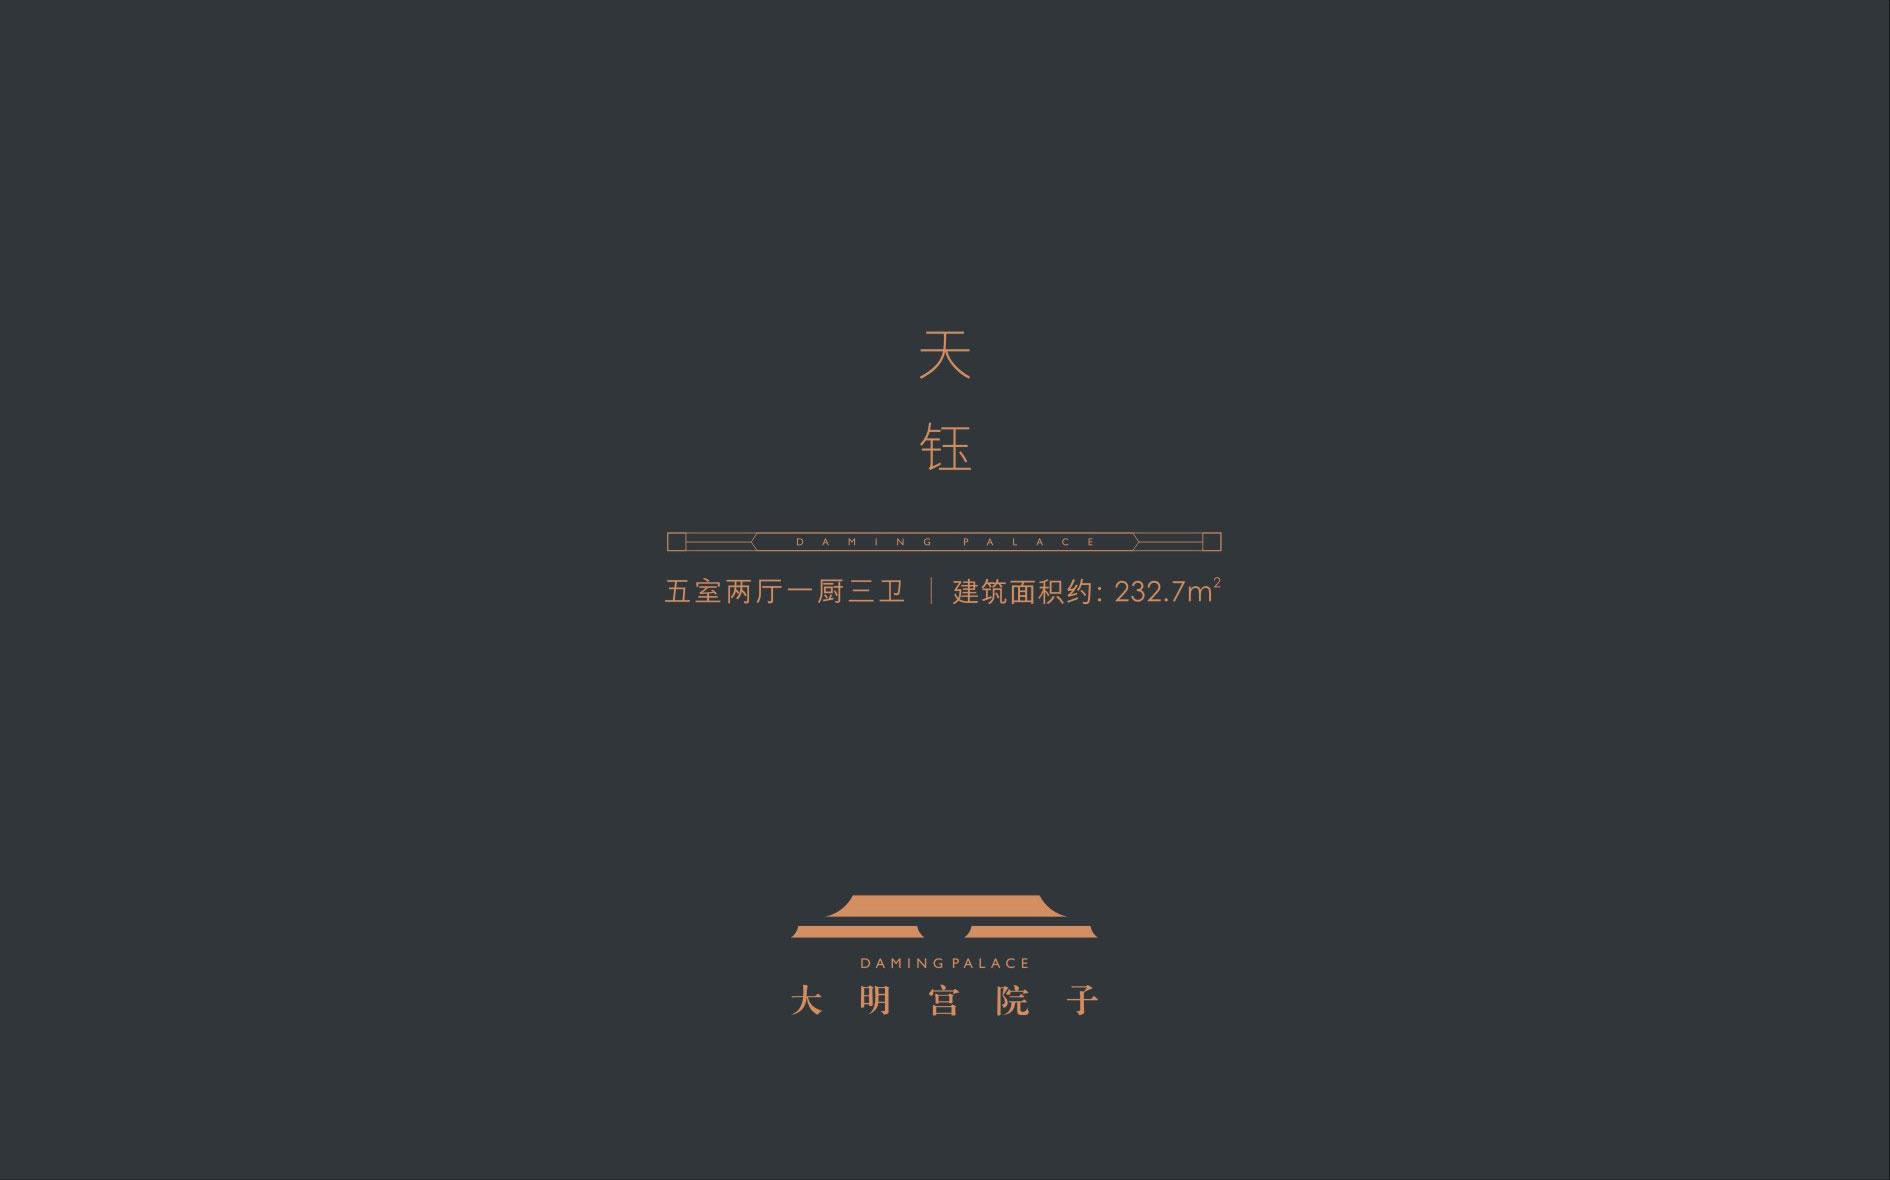 万博max手机登录版-欢迎您(欢迎您)_大明宫院子_天钰